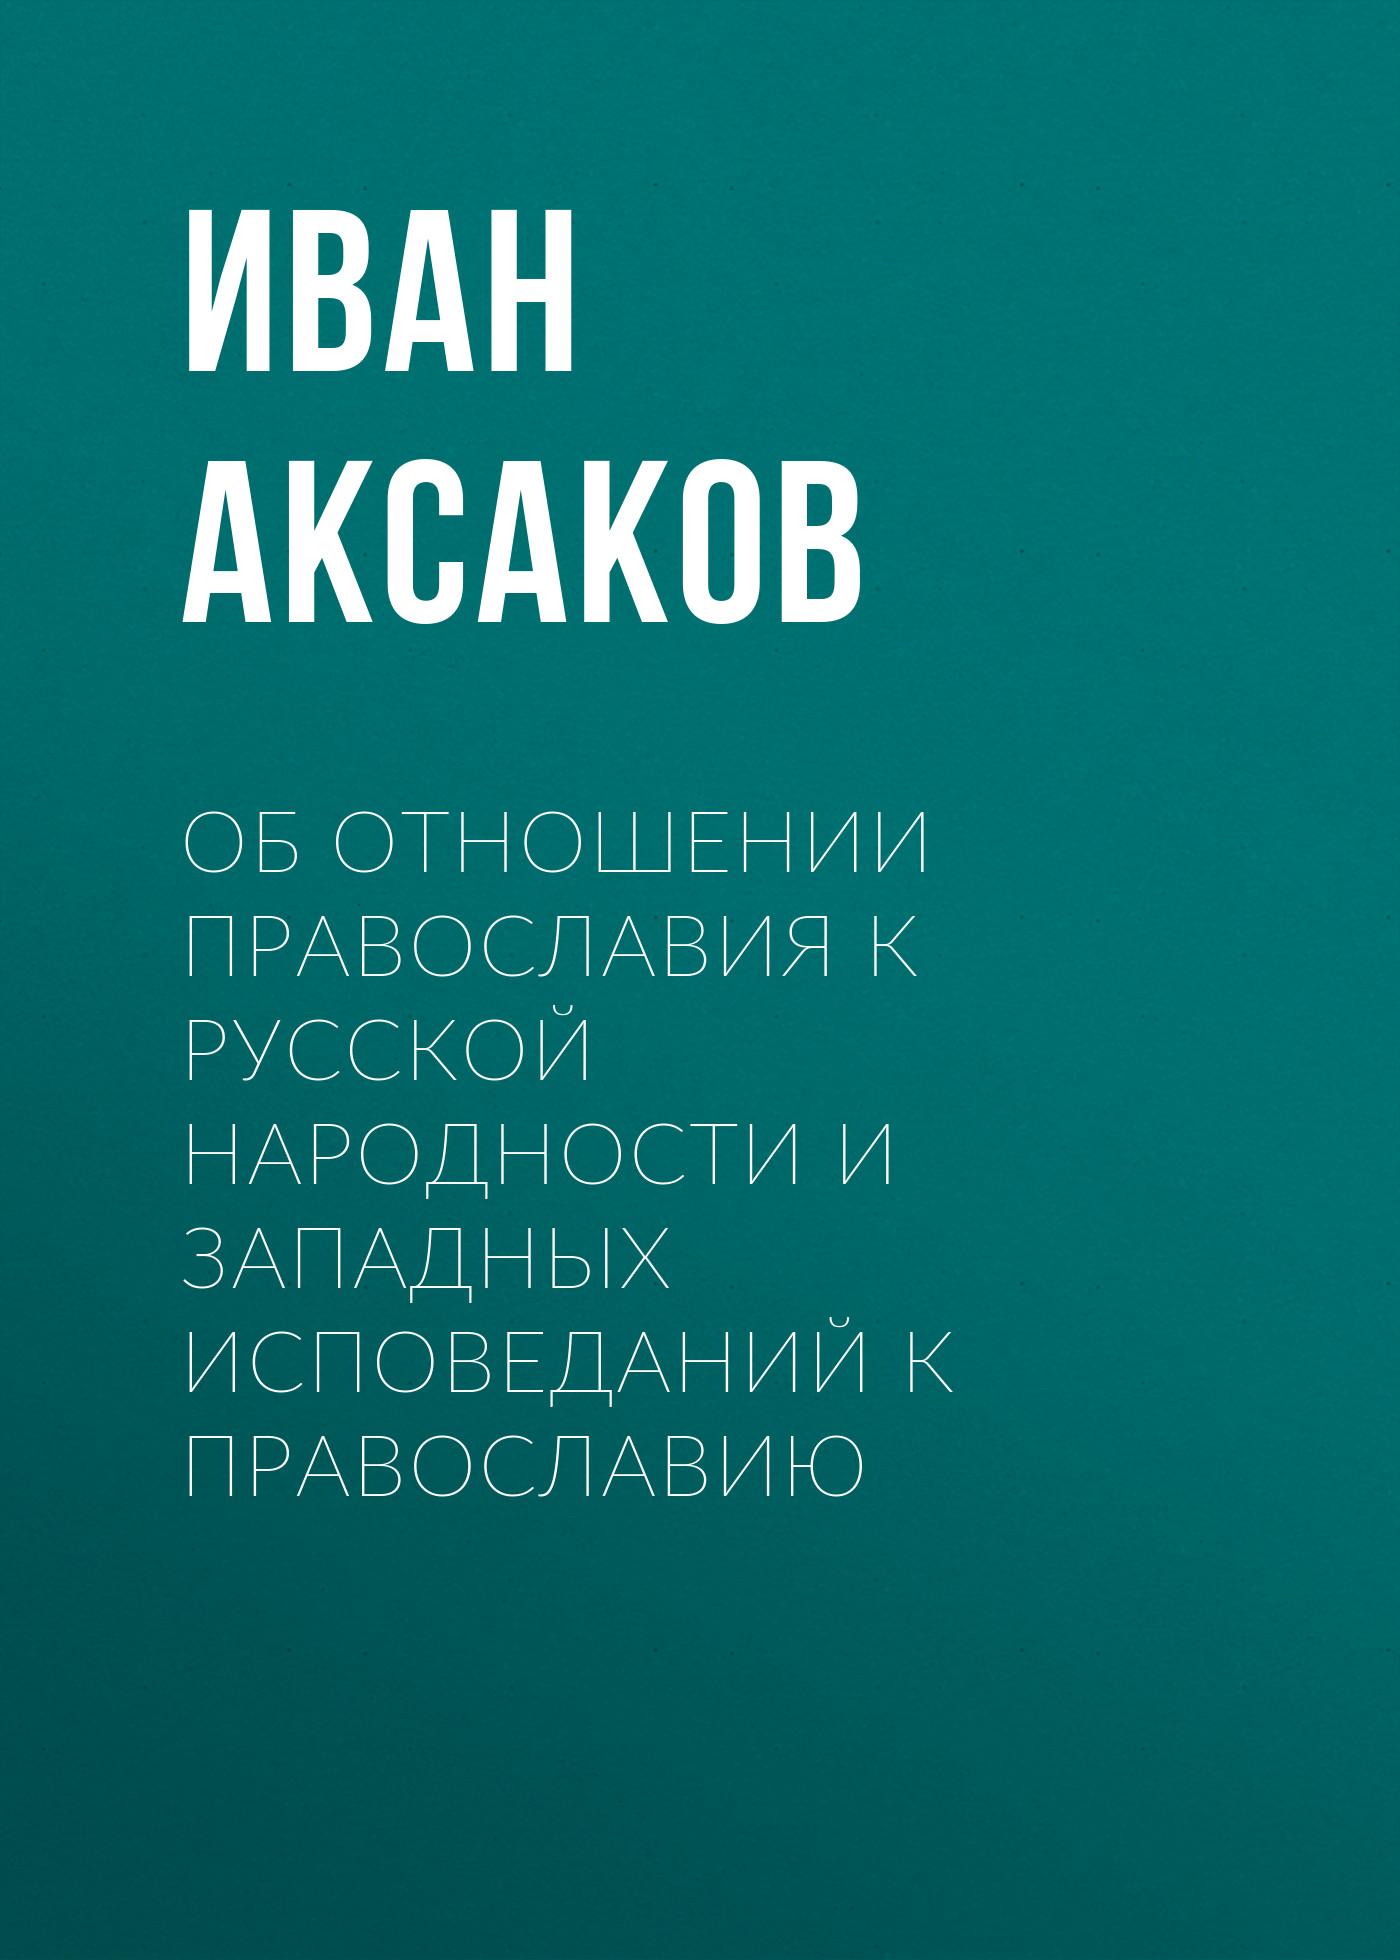 Иван Аксаков Об отношении православия к русской народности и западных исповеданий к православию